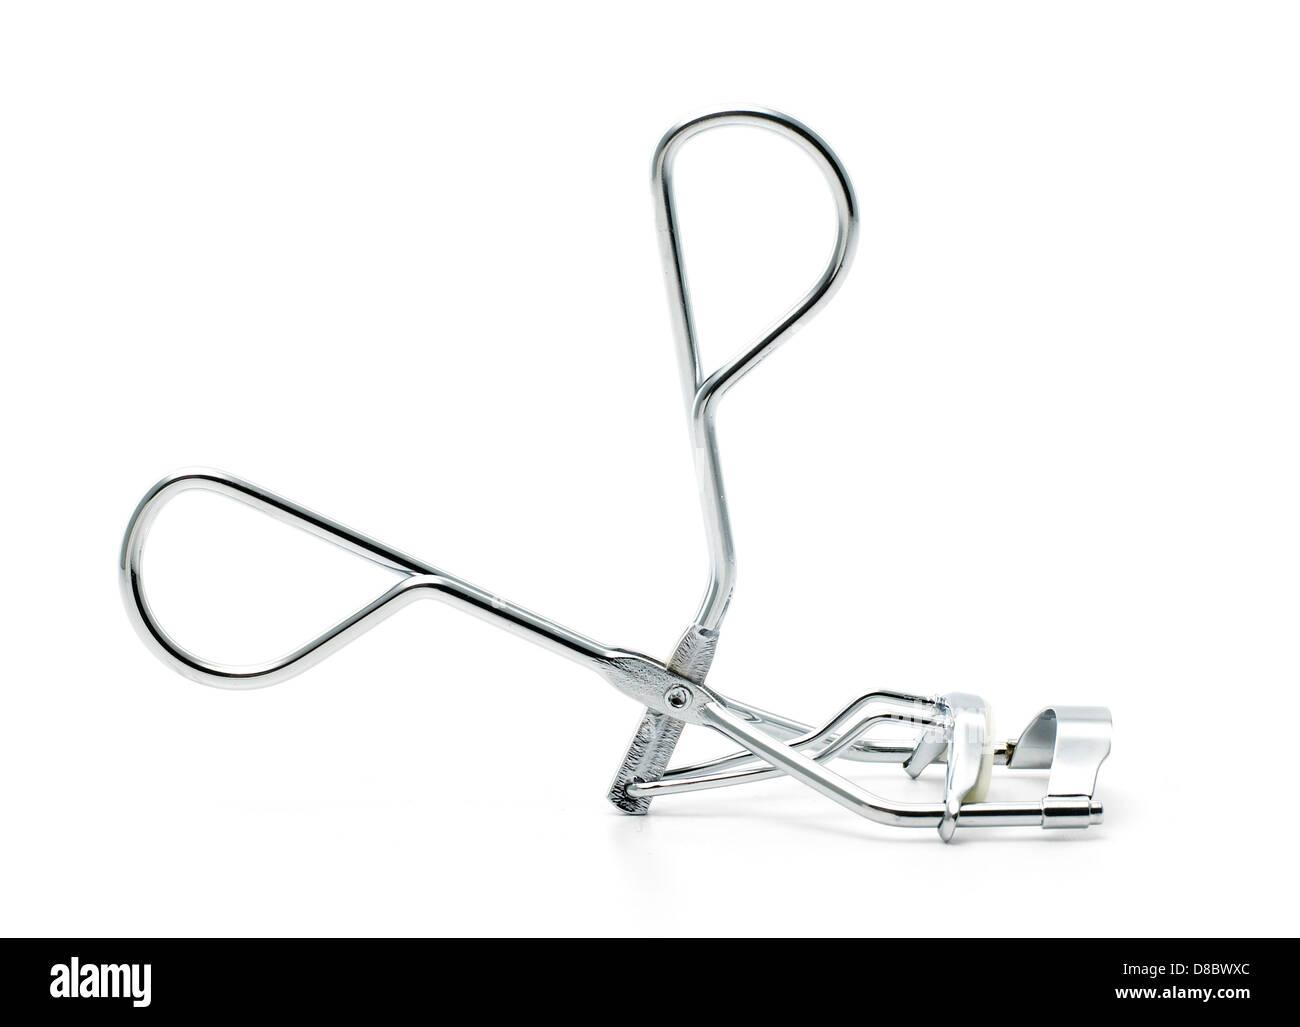 Silver metal eyelash curlers cu tout sur un fond blanc Photo Stock